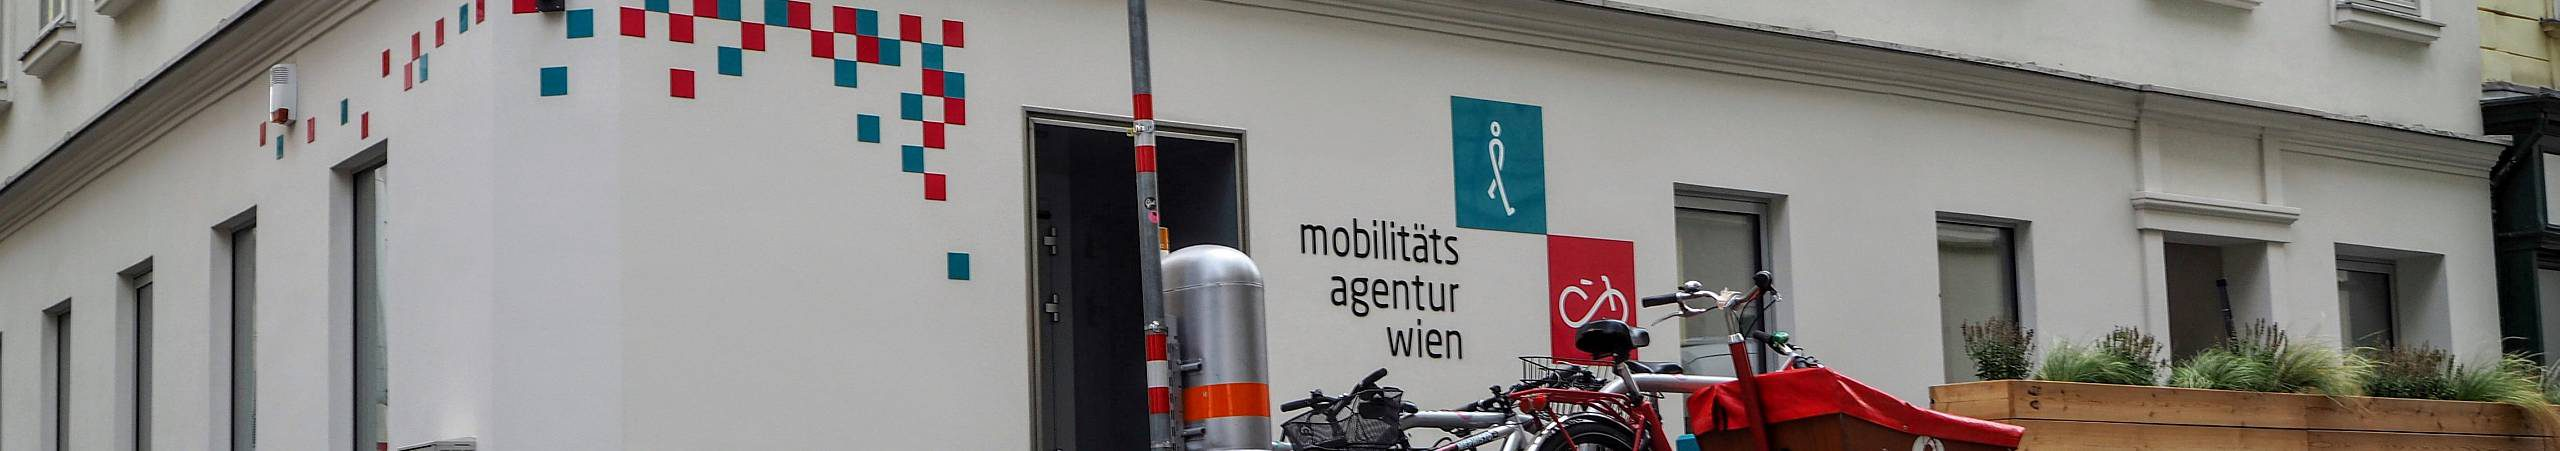 Vor dem Büro der Mobilitätsagentur parken viele Fahrräder. Foto von Daniel Böhm